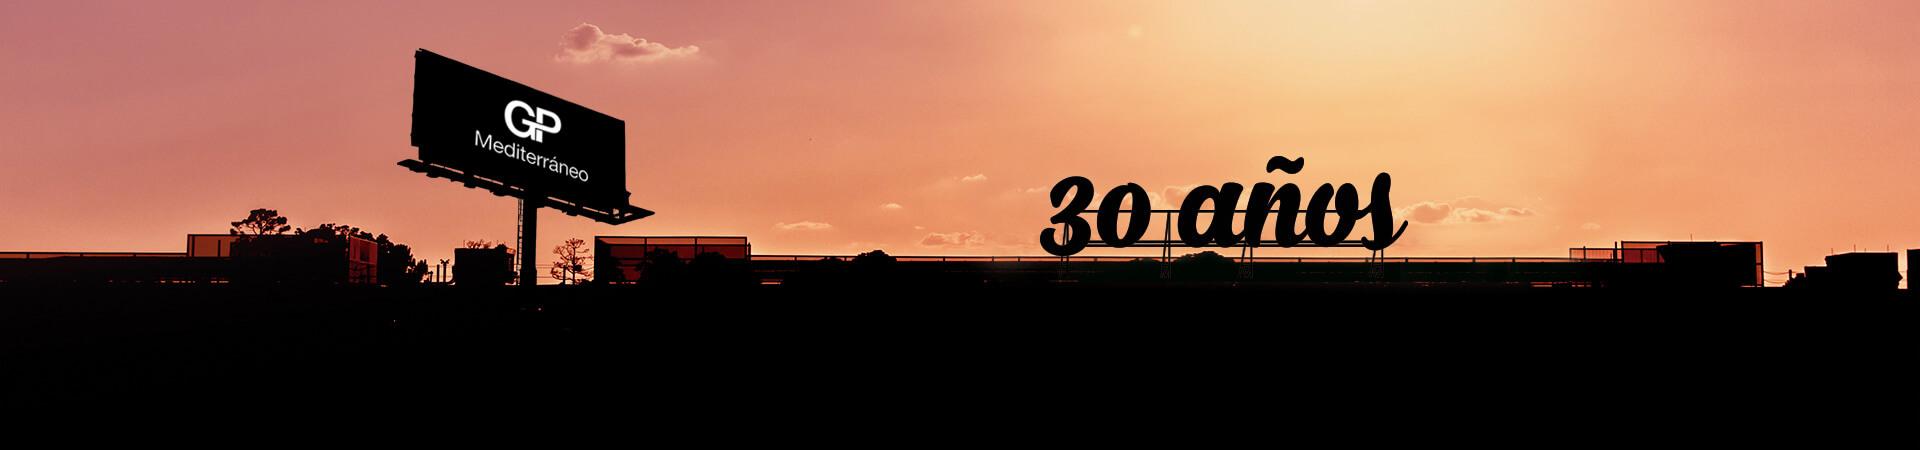 GP Mediterráneo 30 Años en publicidad exterior